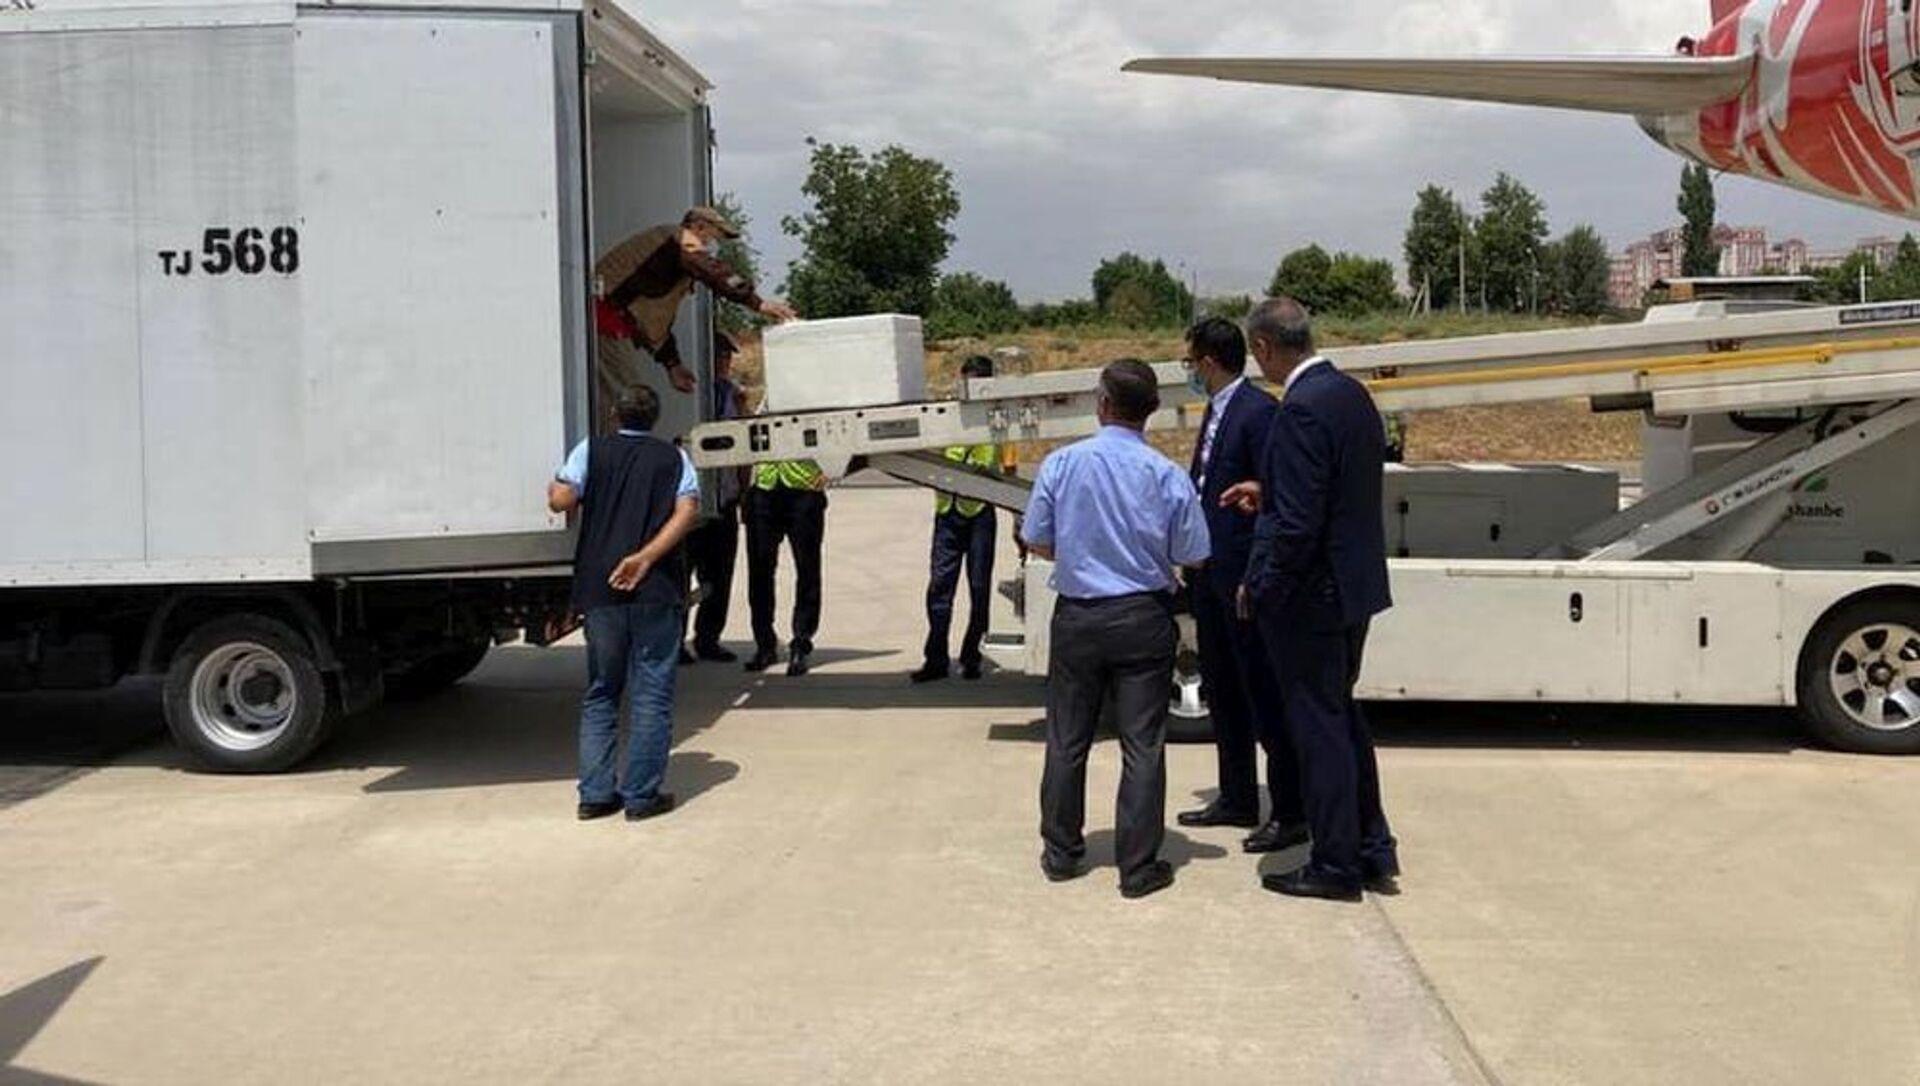 Гумпомощь из 40 тыс. доз вакцины AstraZeneca доставлена в Душанбе самолетом - Sputnik Азербайджан, 1920, 20.07.2021